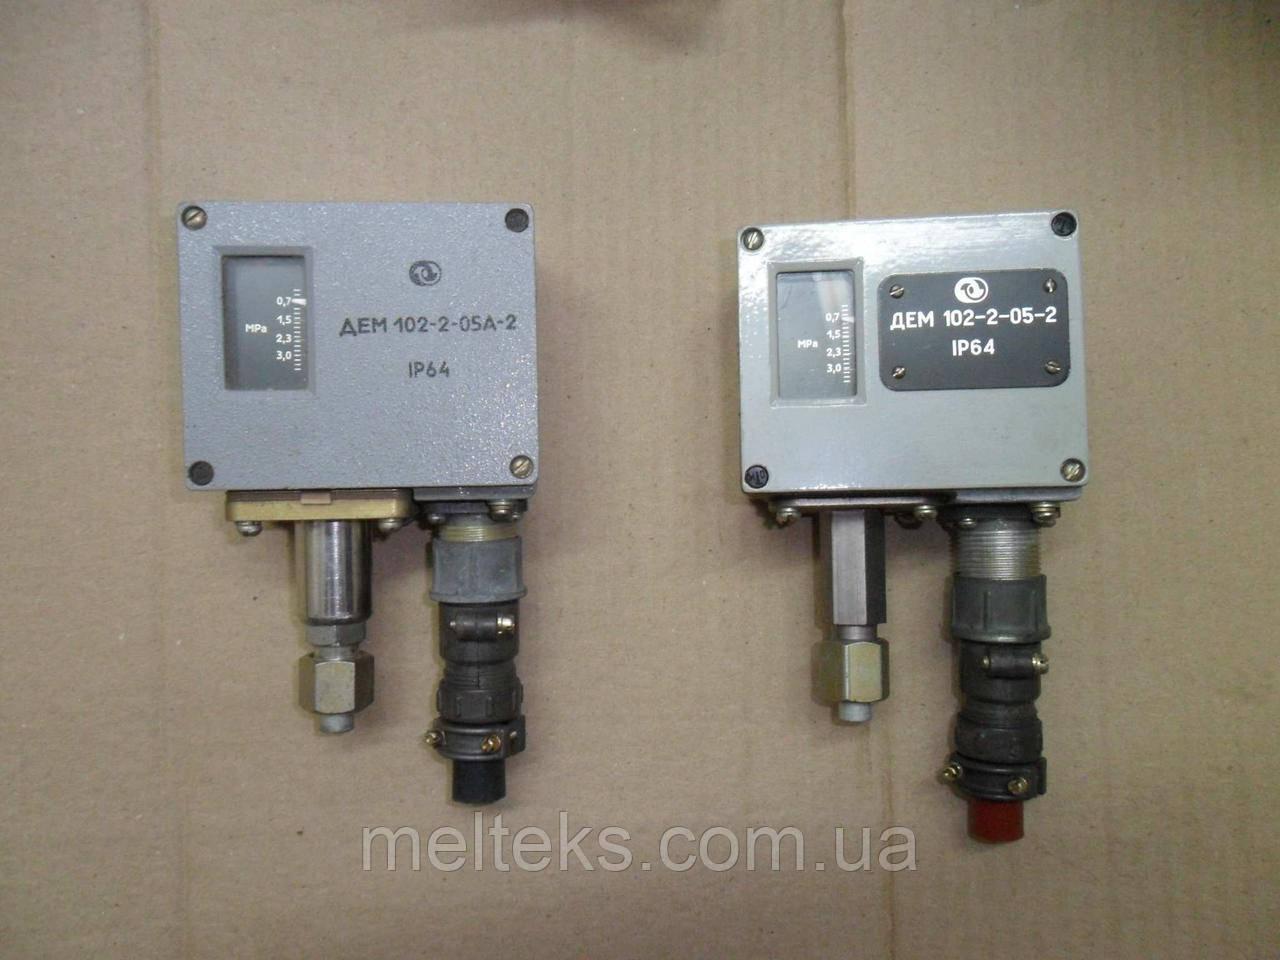 Реле давления ДЕМ 102-2-05-2, ДЕМ 102-1-05-2, ДЕМ 102-2-05А-2